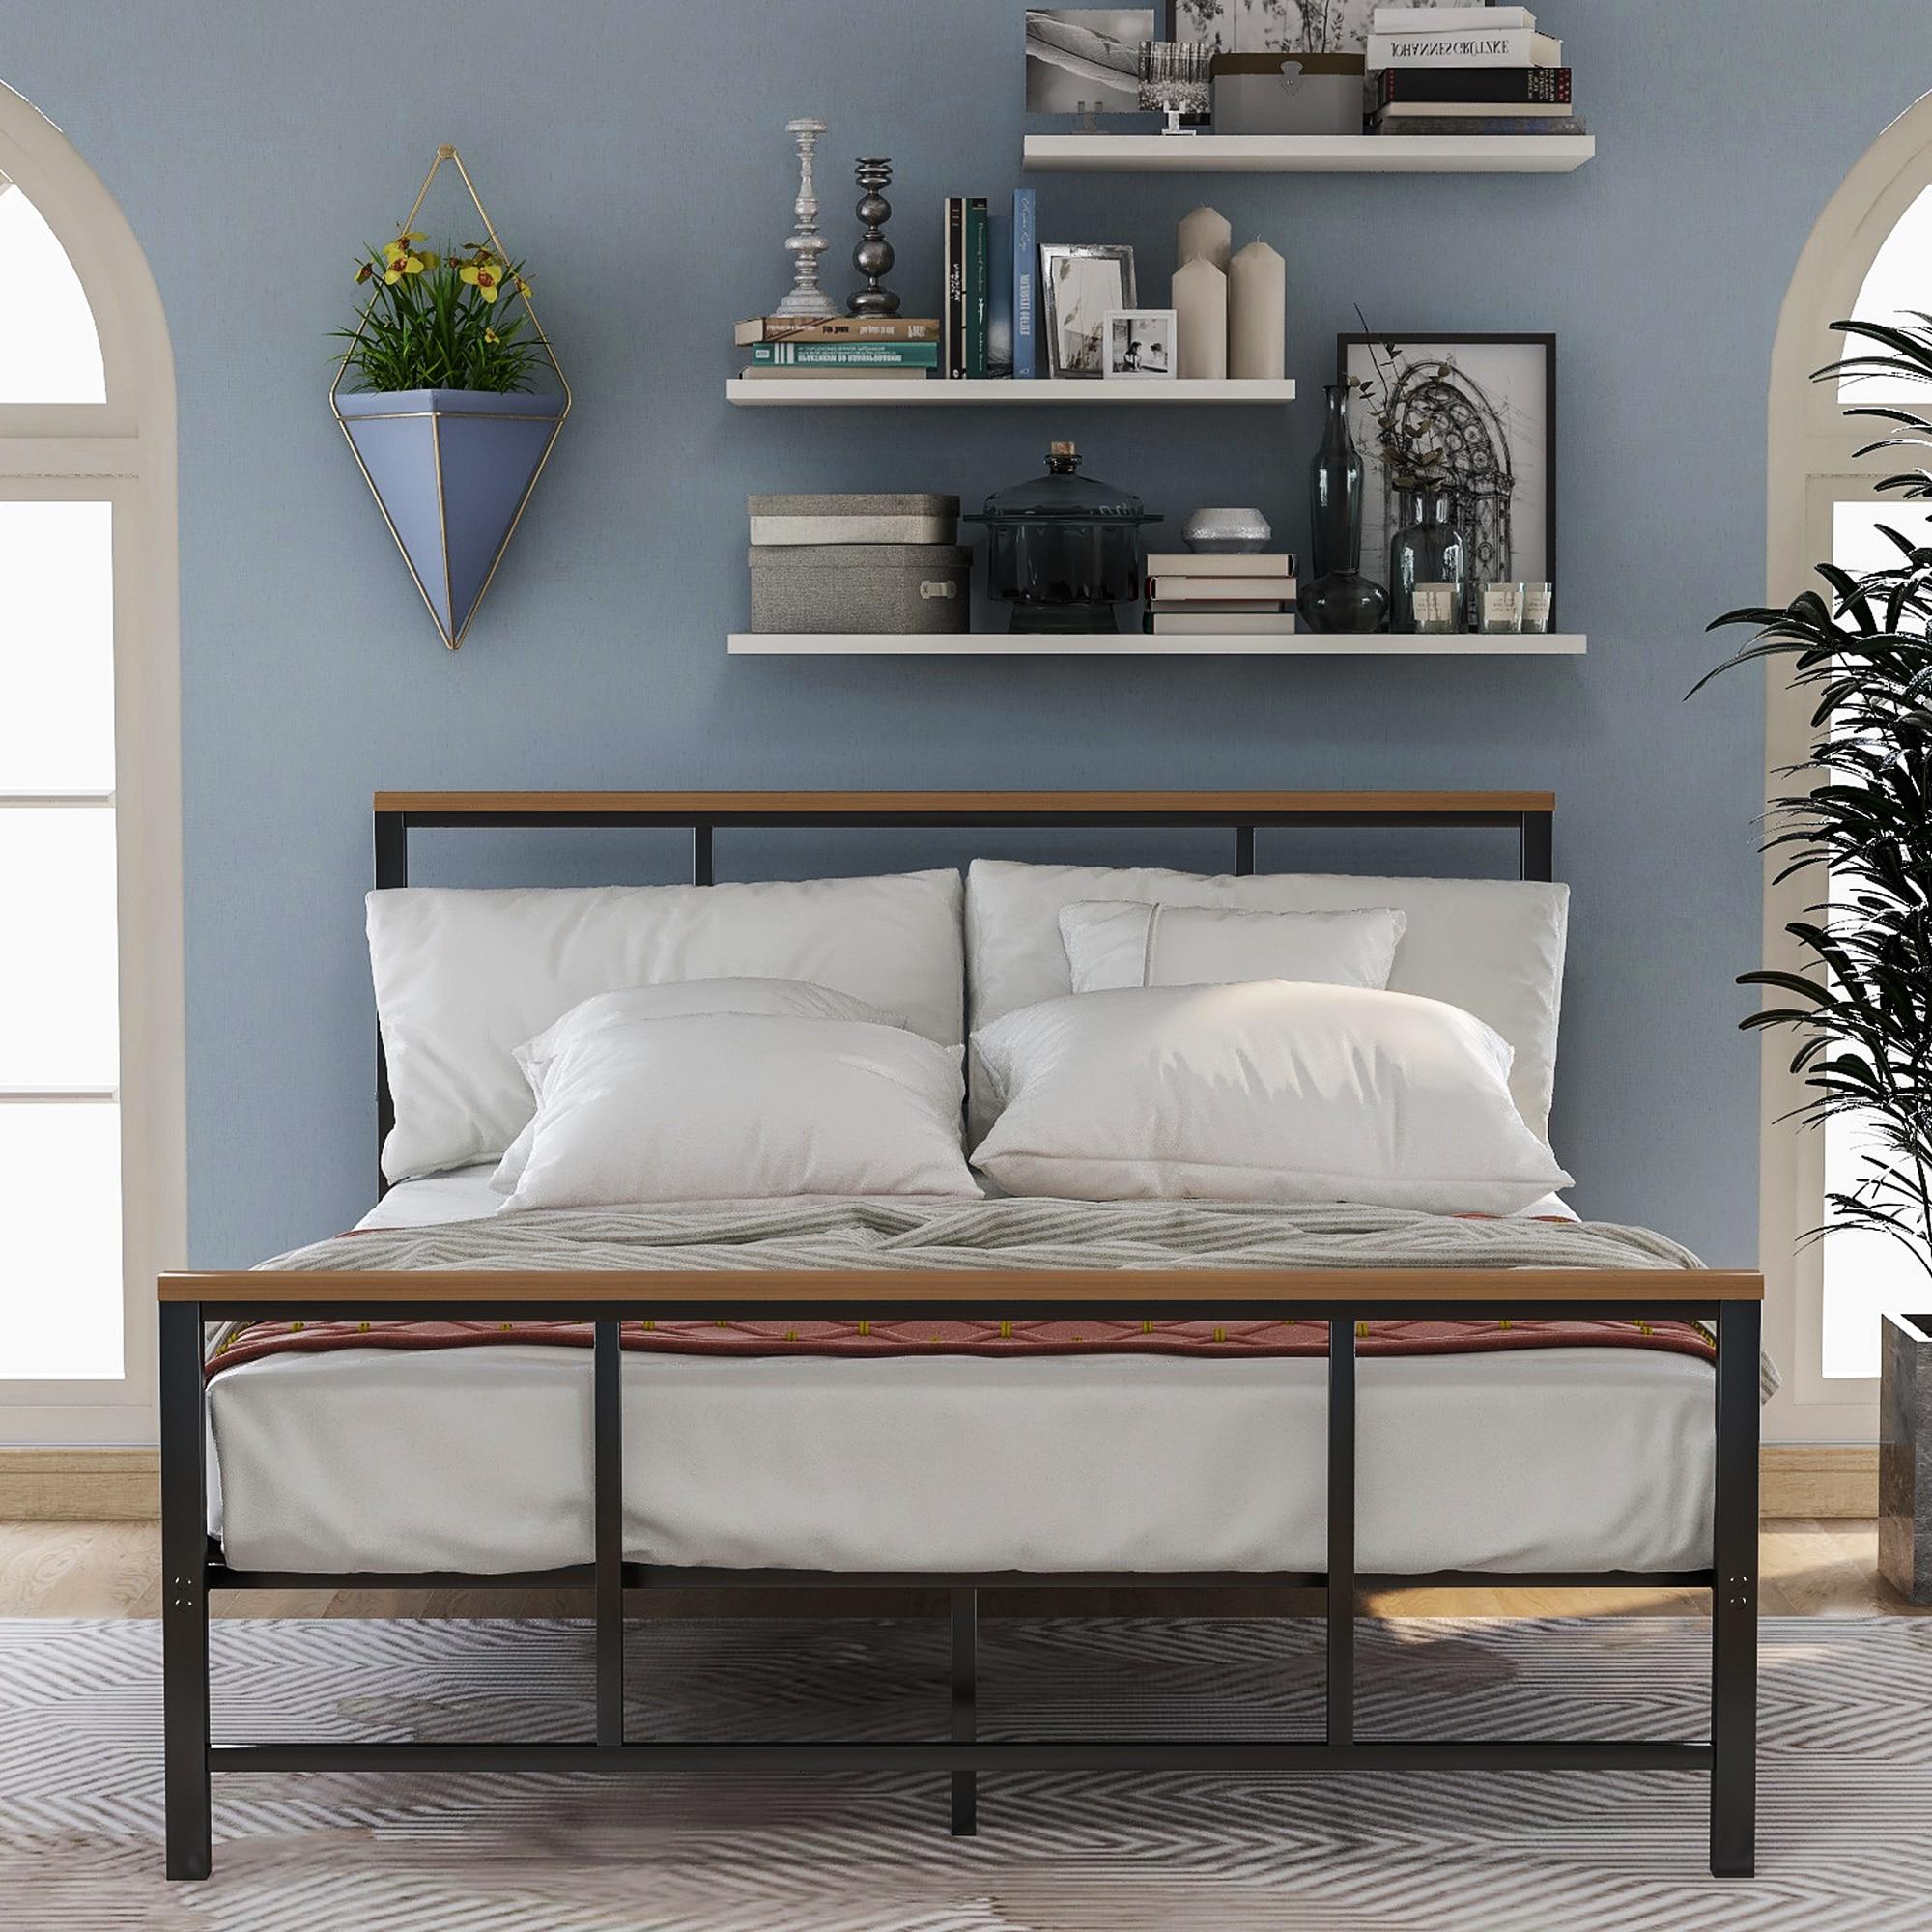 الطراز الحديث أثاث غرفة نوم بسيطة زخرفة المعادن سرير خشبي